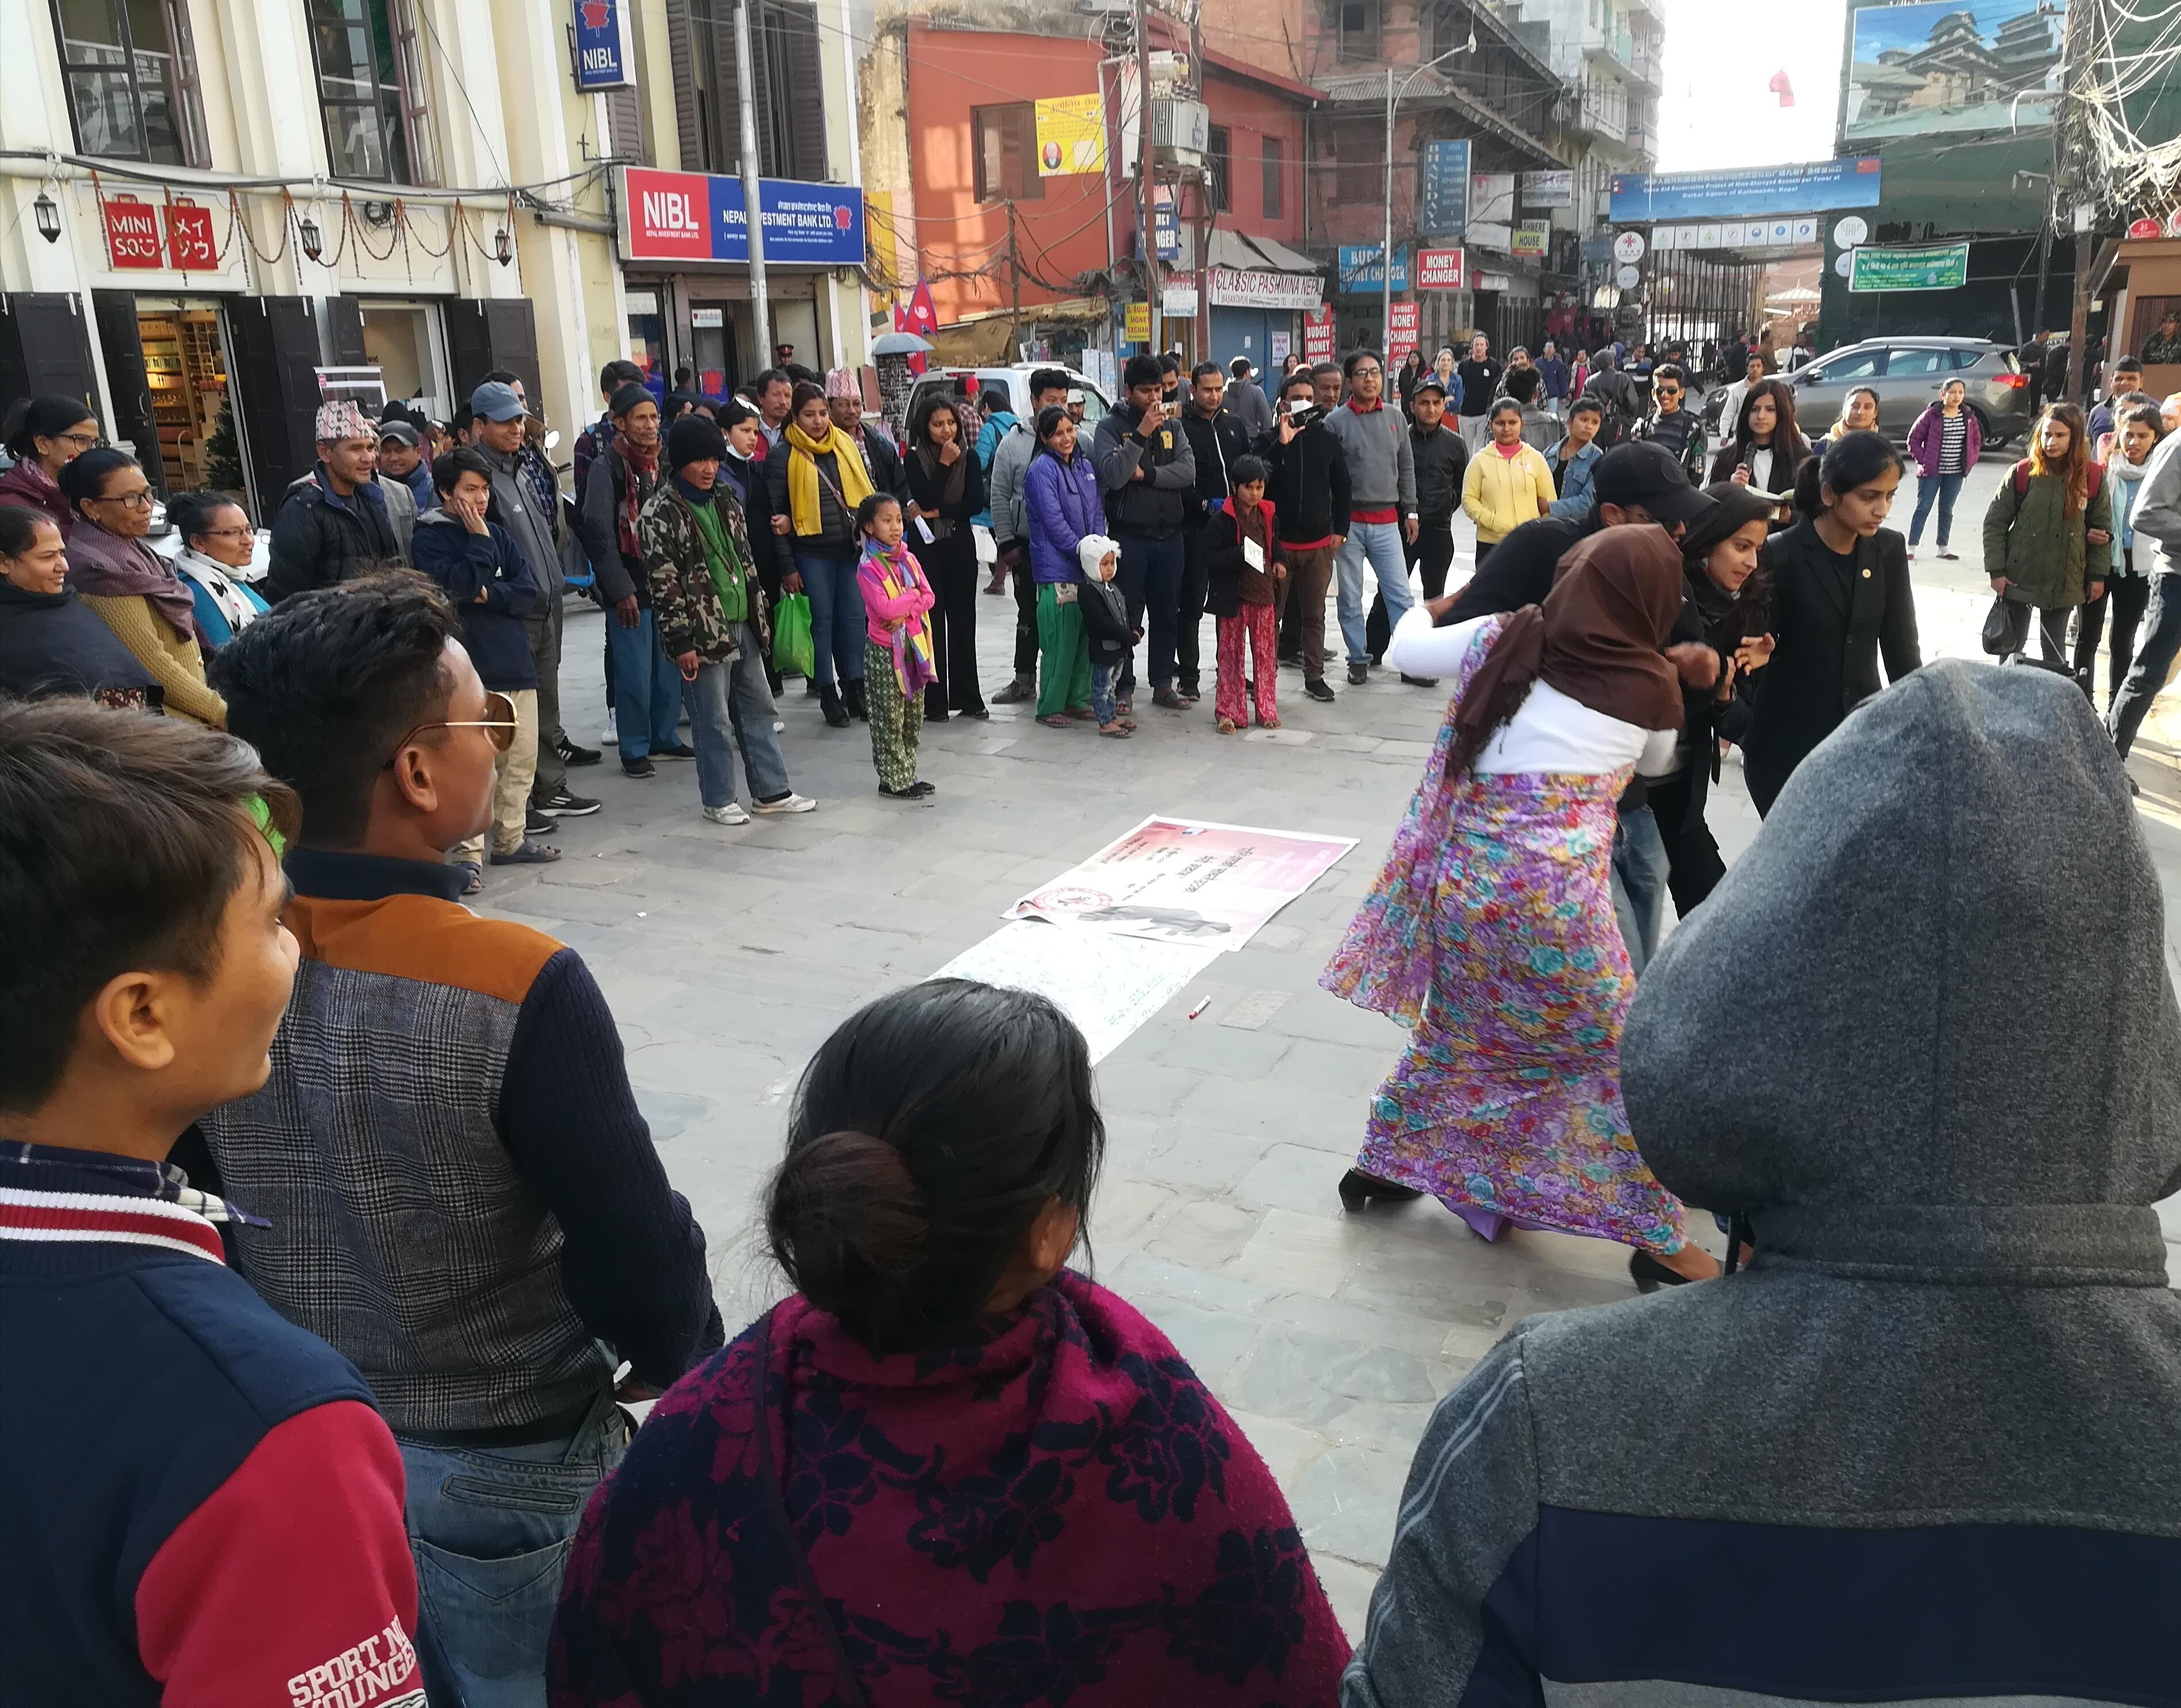 अन्तर्राष्ट्रिय मानवअधिकार दिवसमा सडक नाटक प्रदर्शन